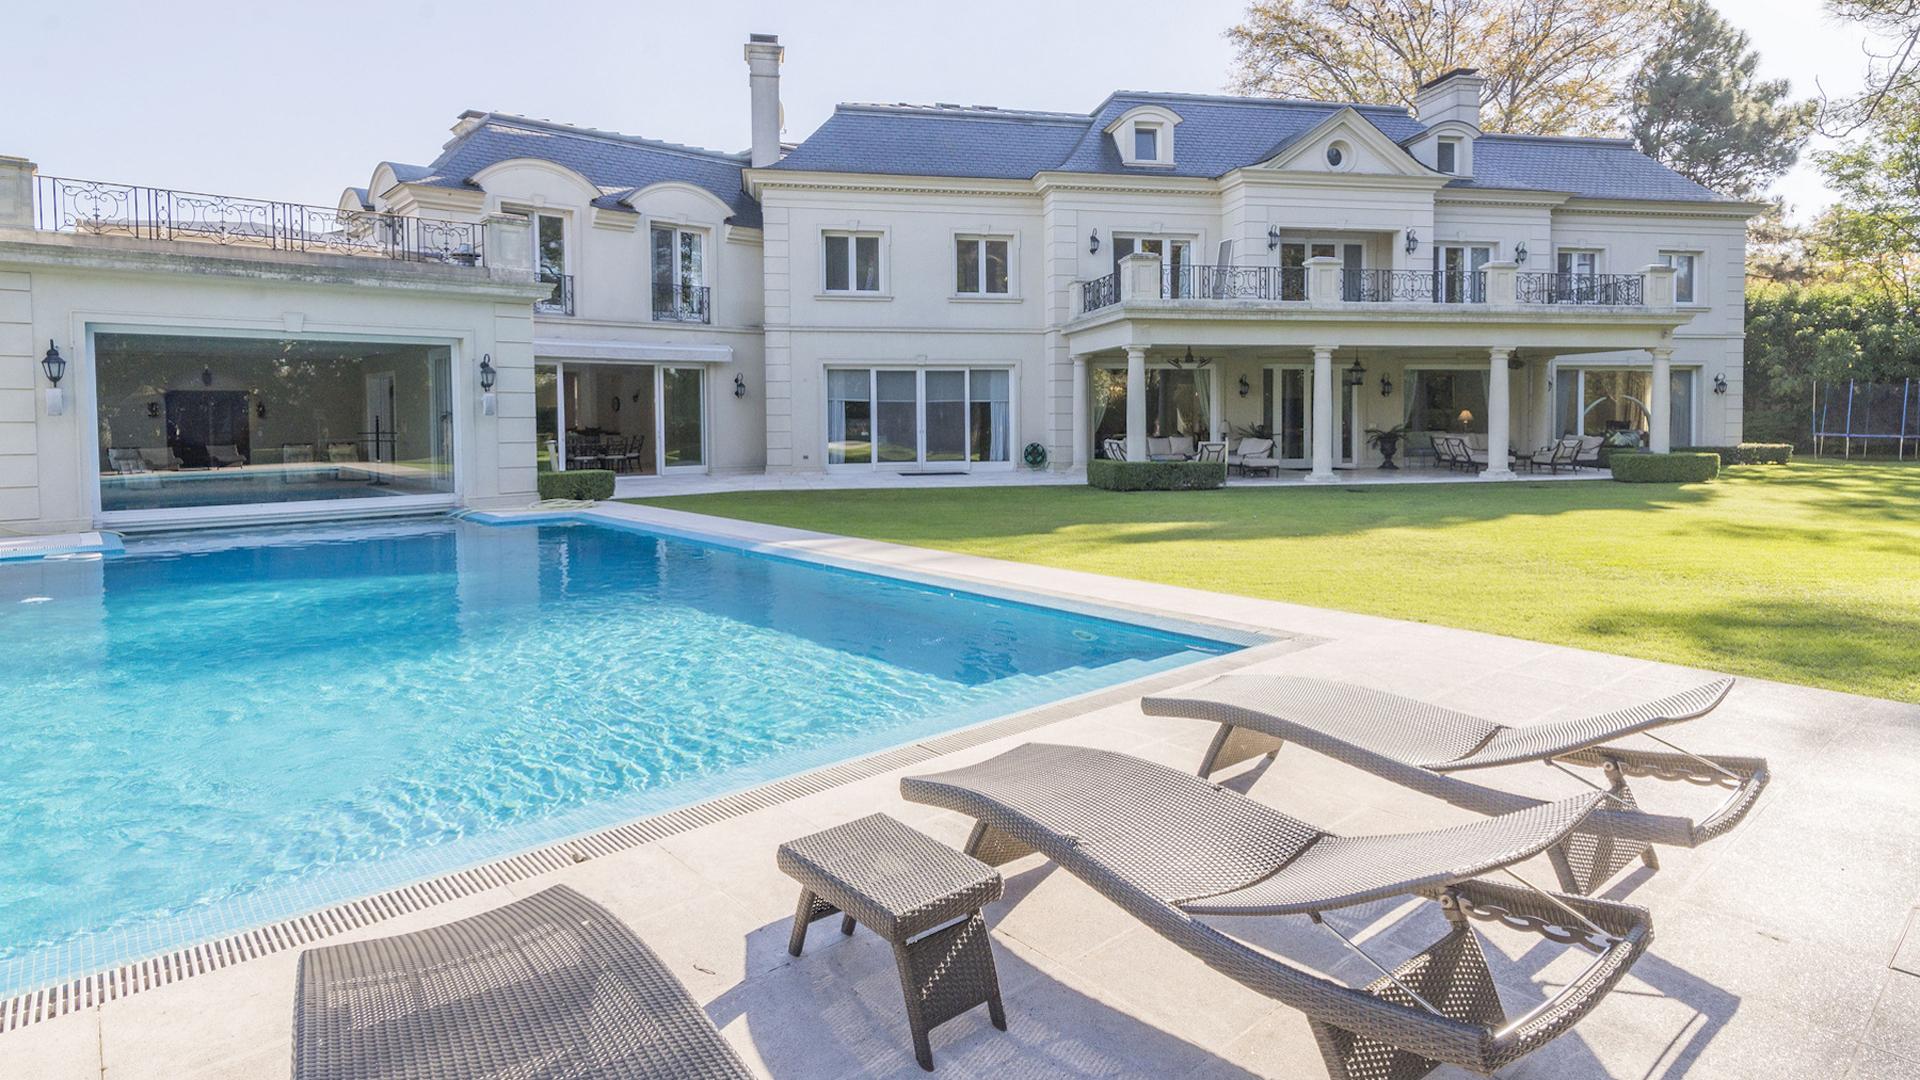 La mansión de estilo francés diseñada por el arquitecto James Donaldson tiene 4500 m2 totales.